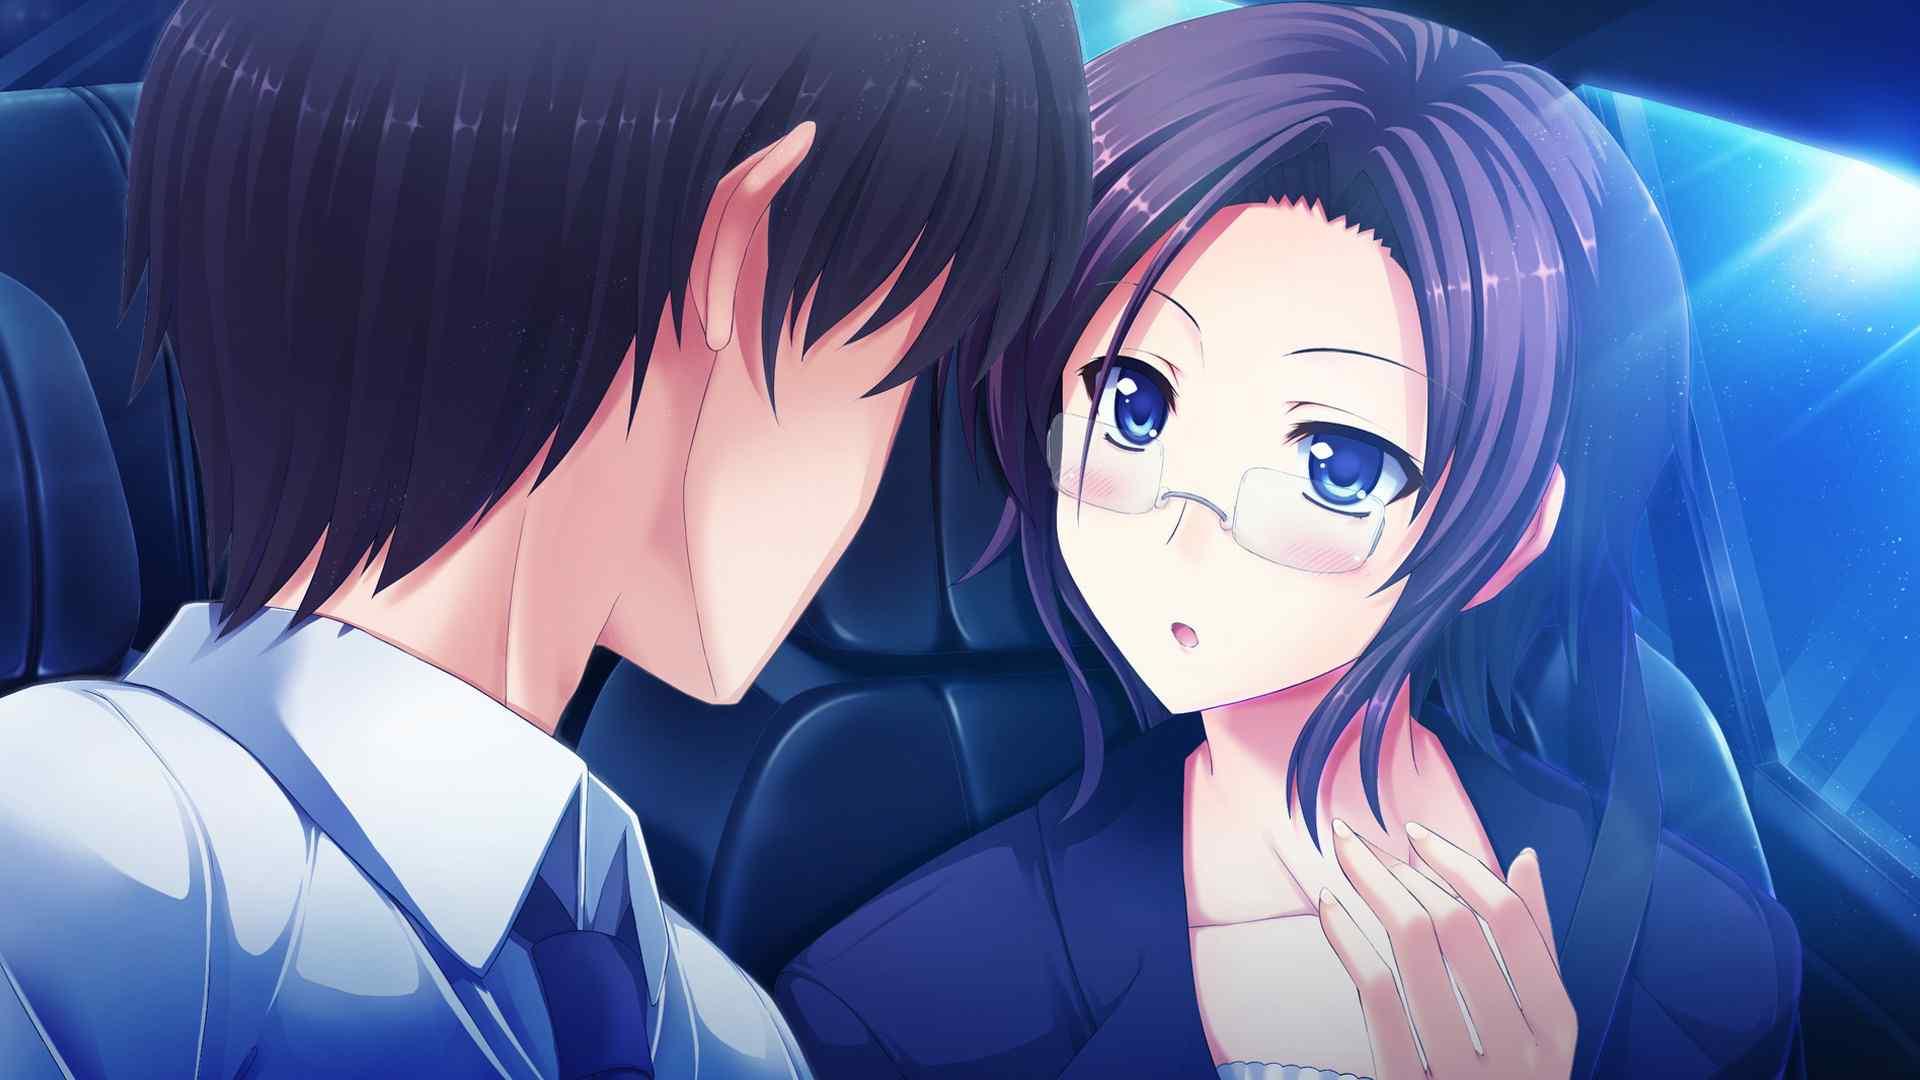 日本动漫情侣浪漫唯美图片桌面壁纸图片